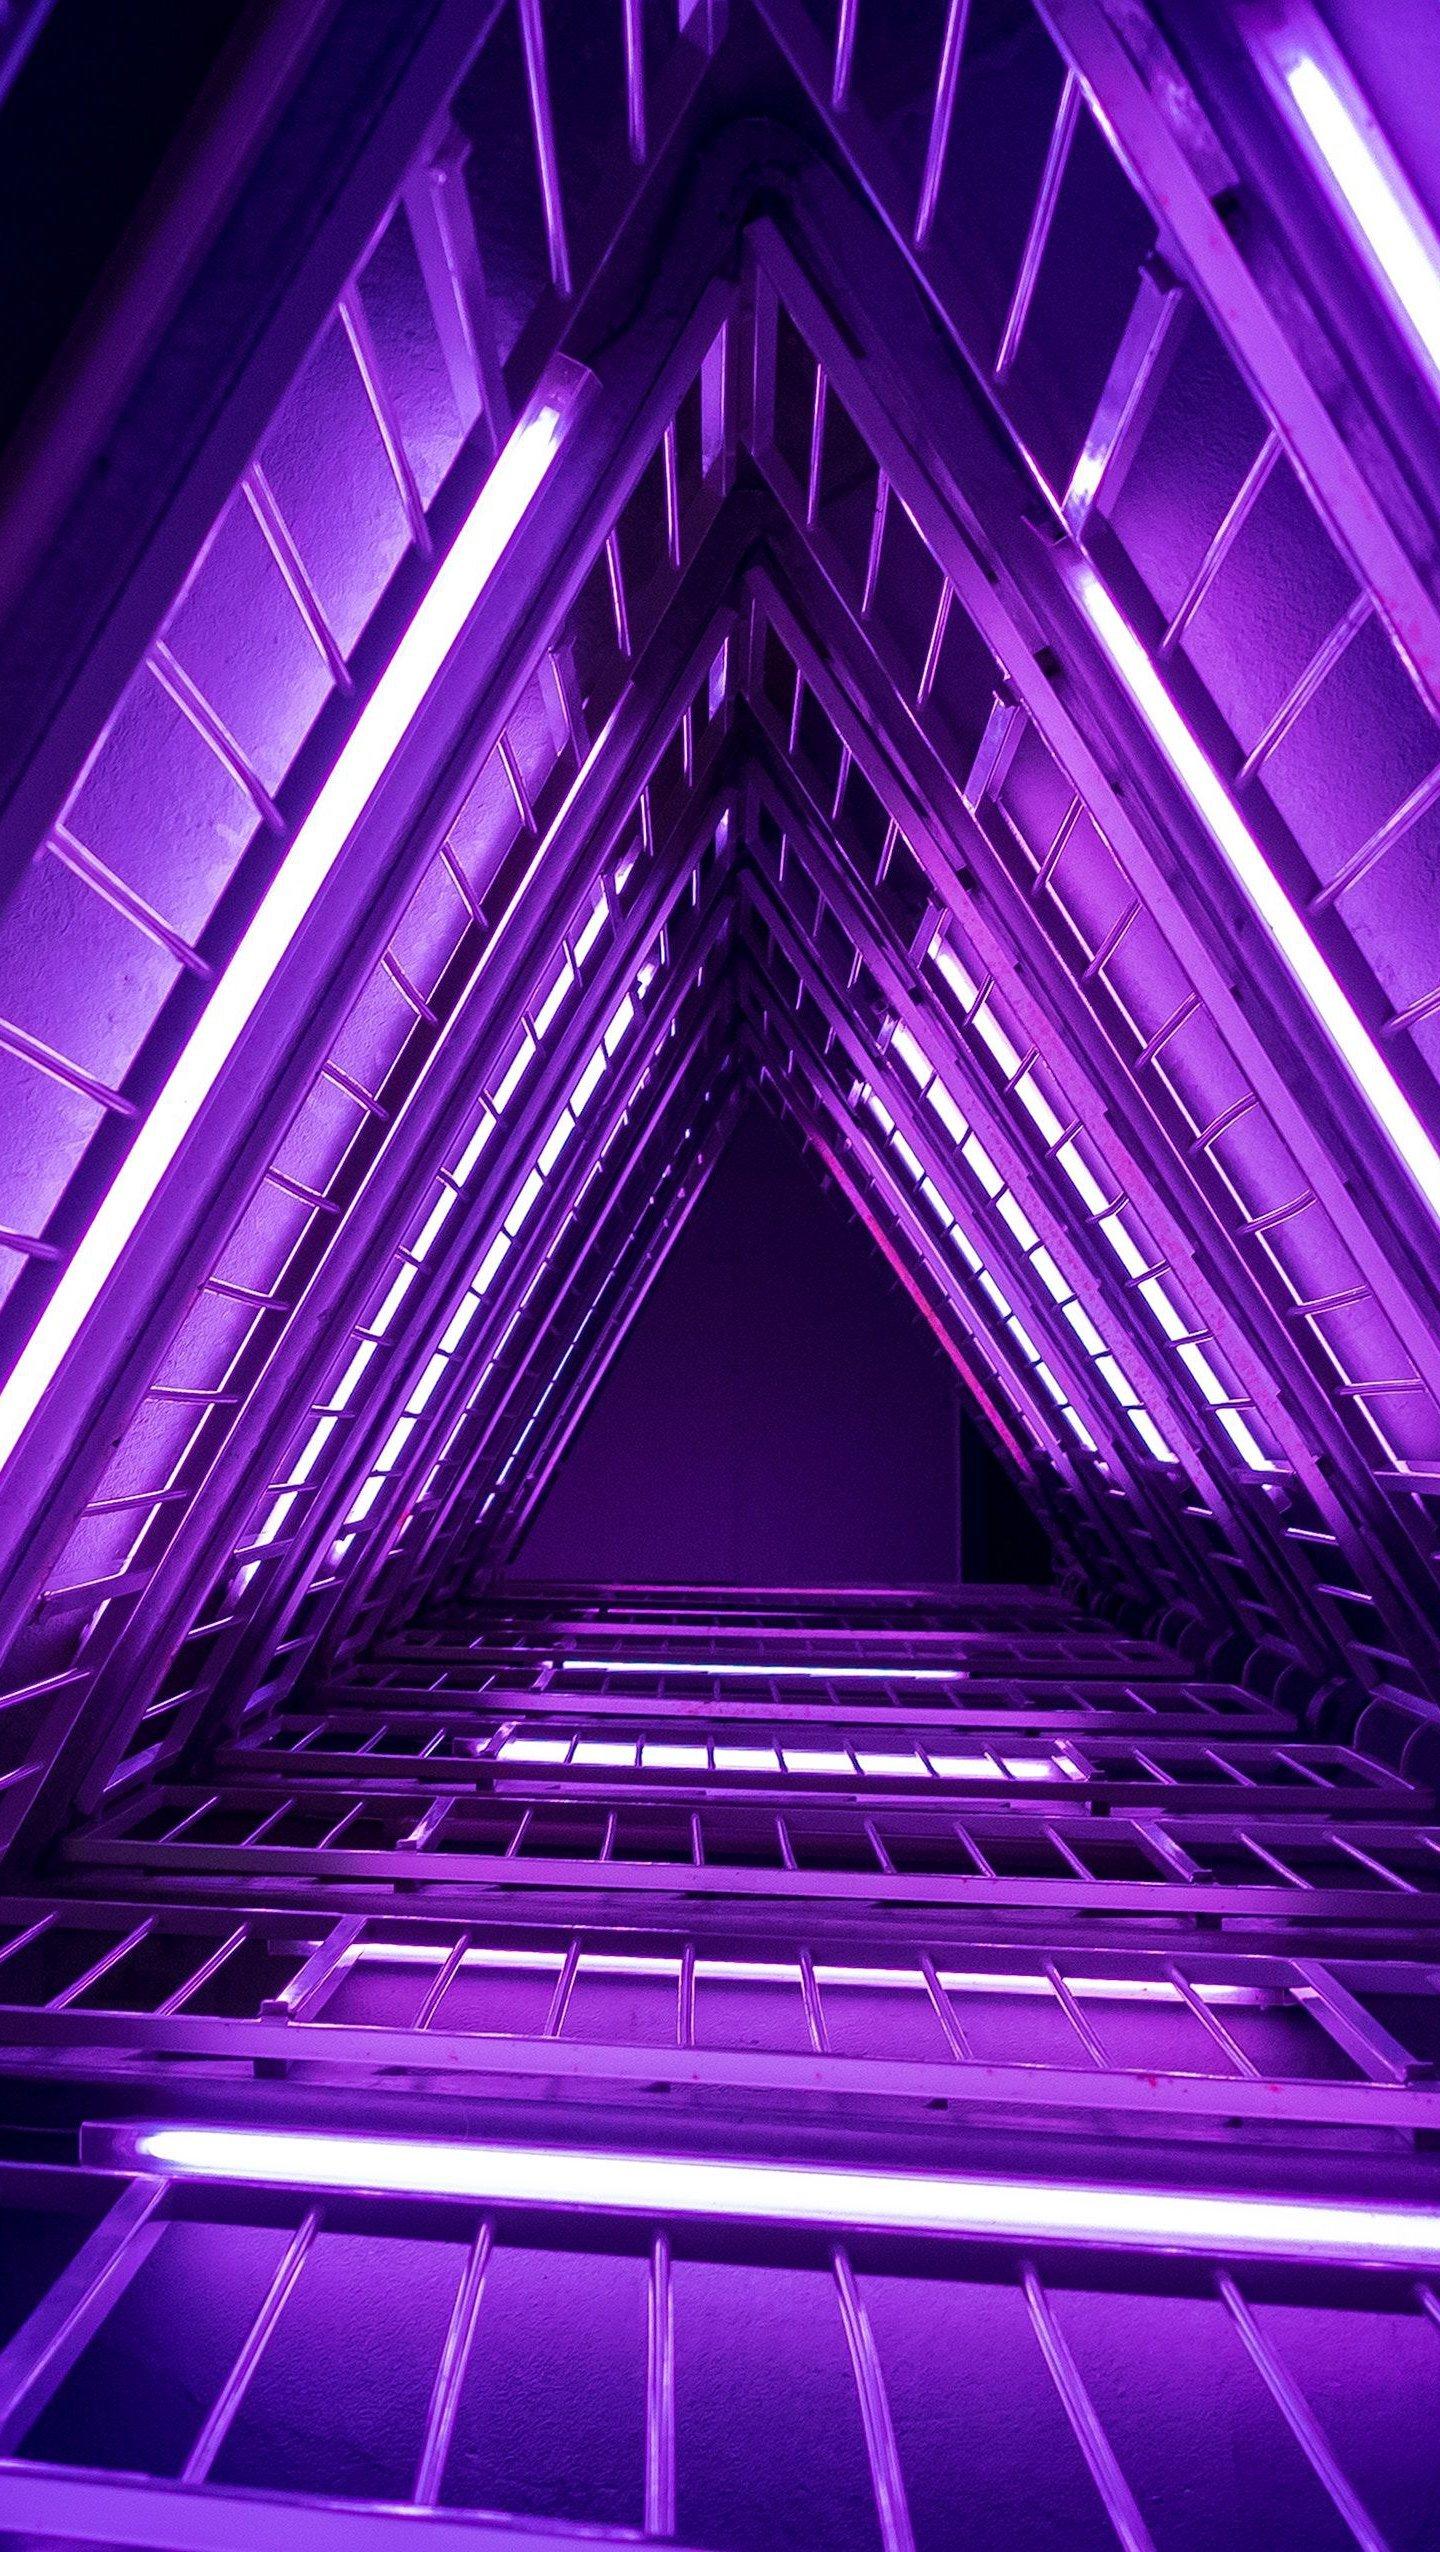 Fondos de pantalla 3d Abstracto luces moradas neón triangulo Vertical